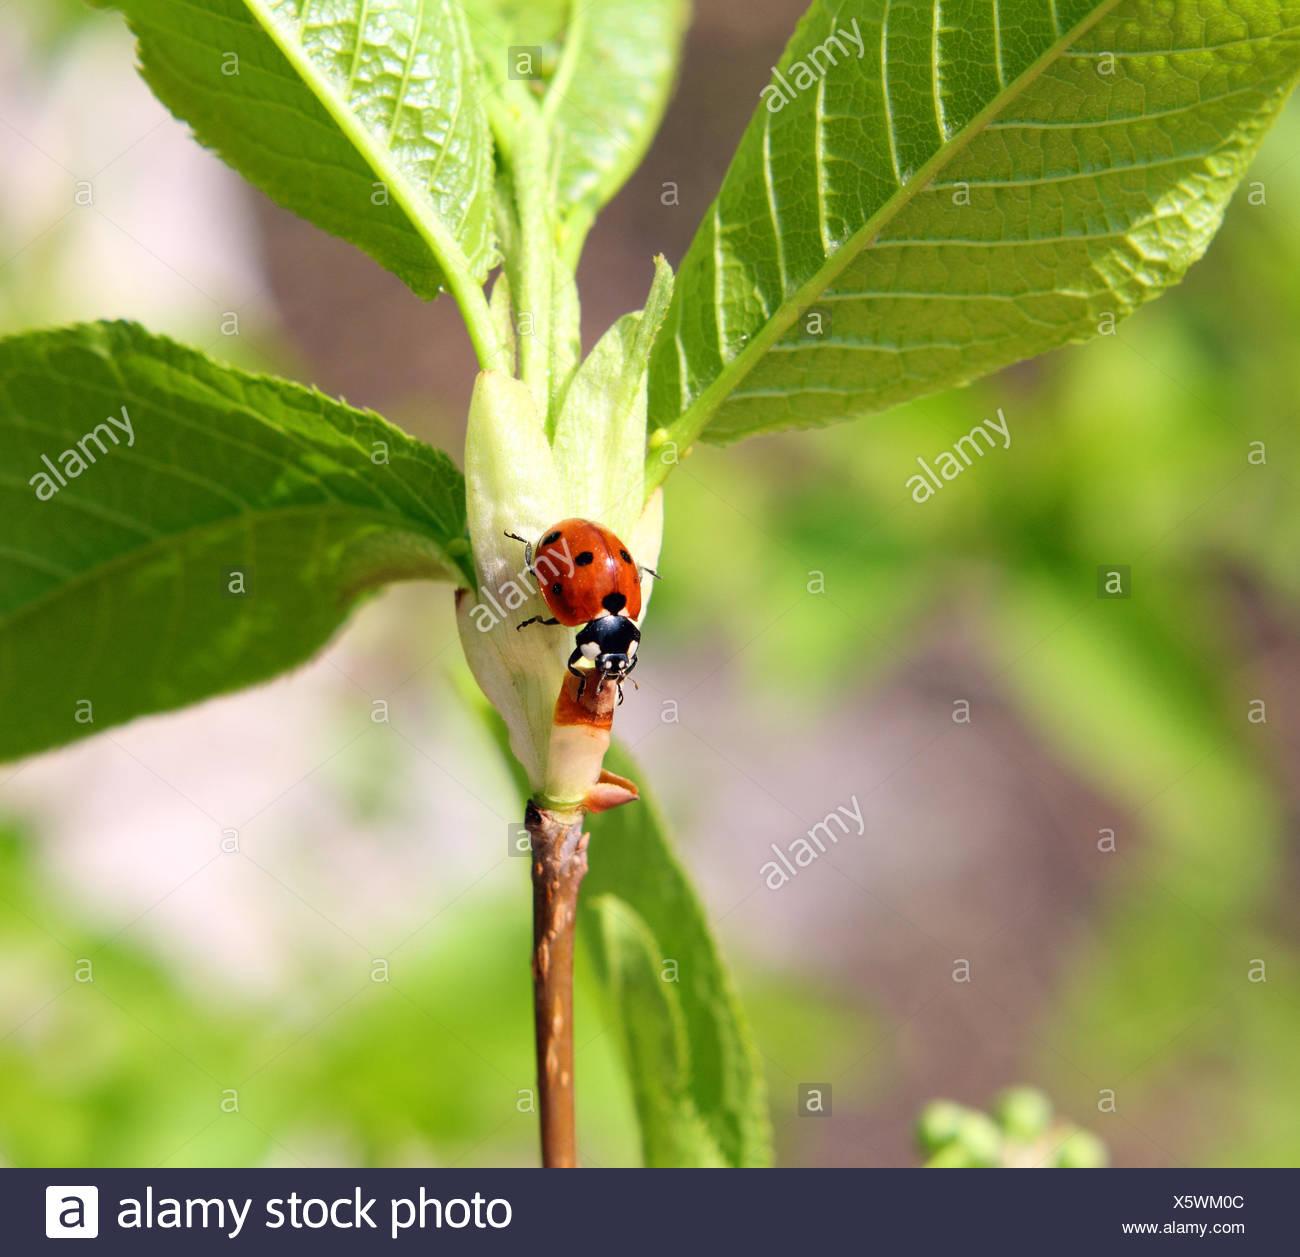 ladybug on twig - Stock Image